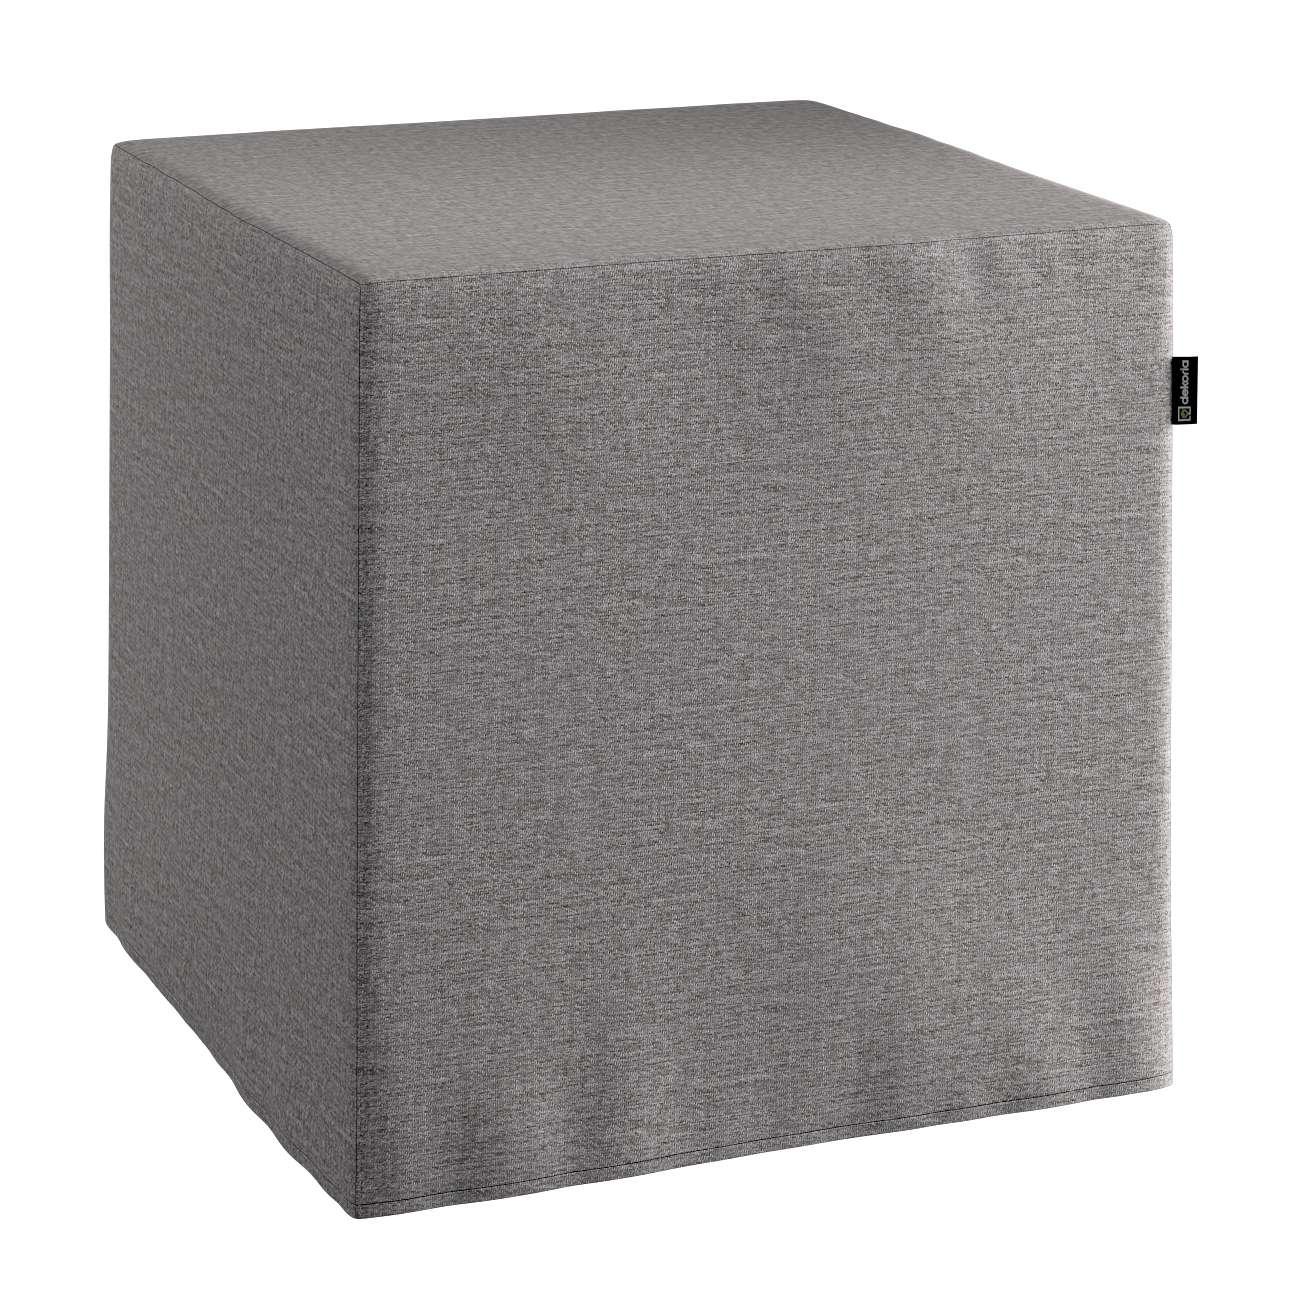 Sedák Cube - kostka pevná 40x40x40 v kolekci Edinburgh, látka: 115-81